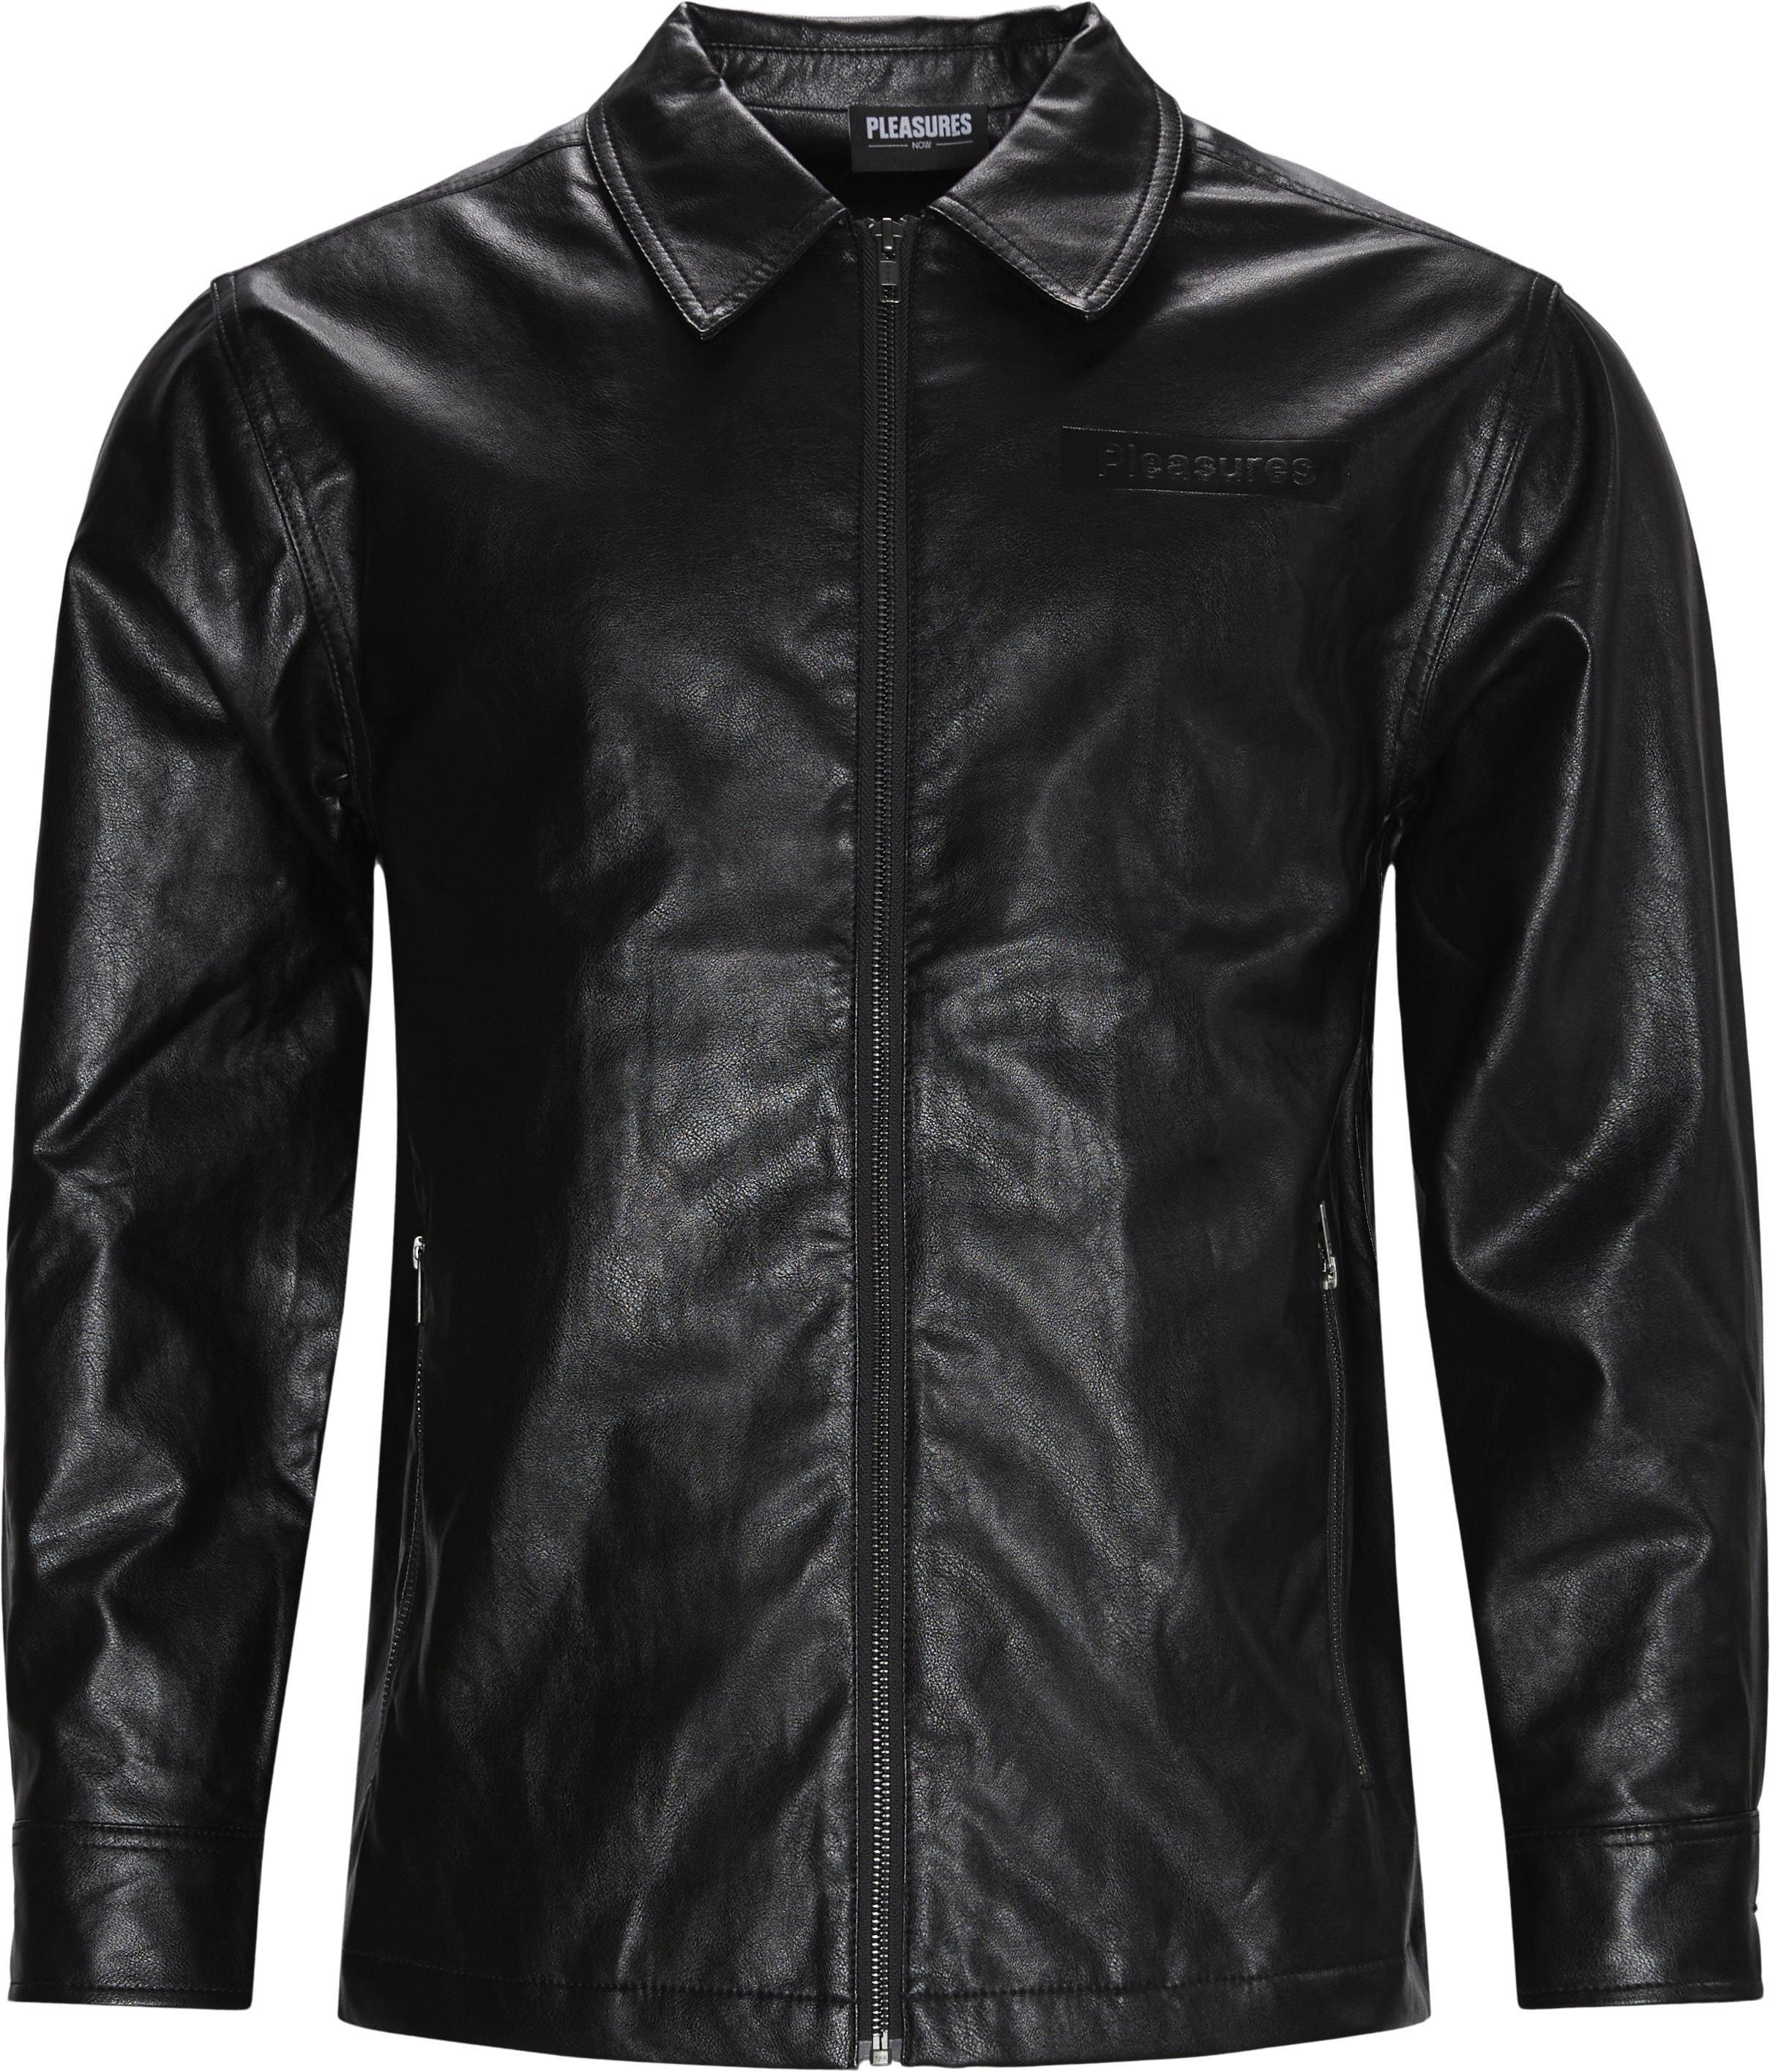 Loaded Zip Jacket - Jakker - Regular - Sort